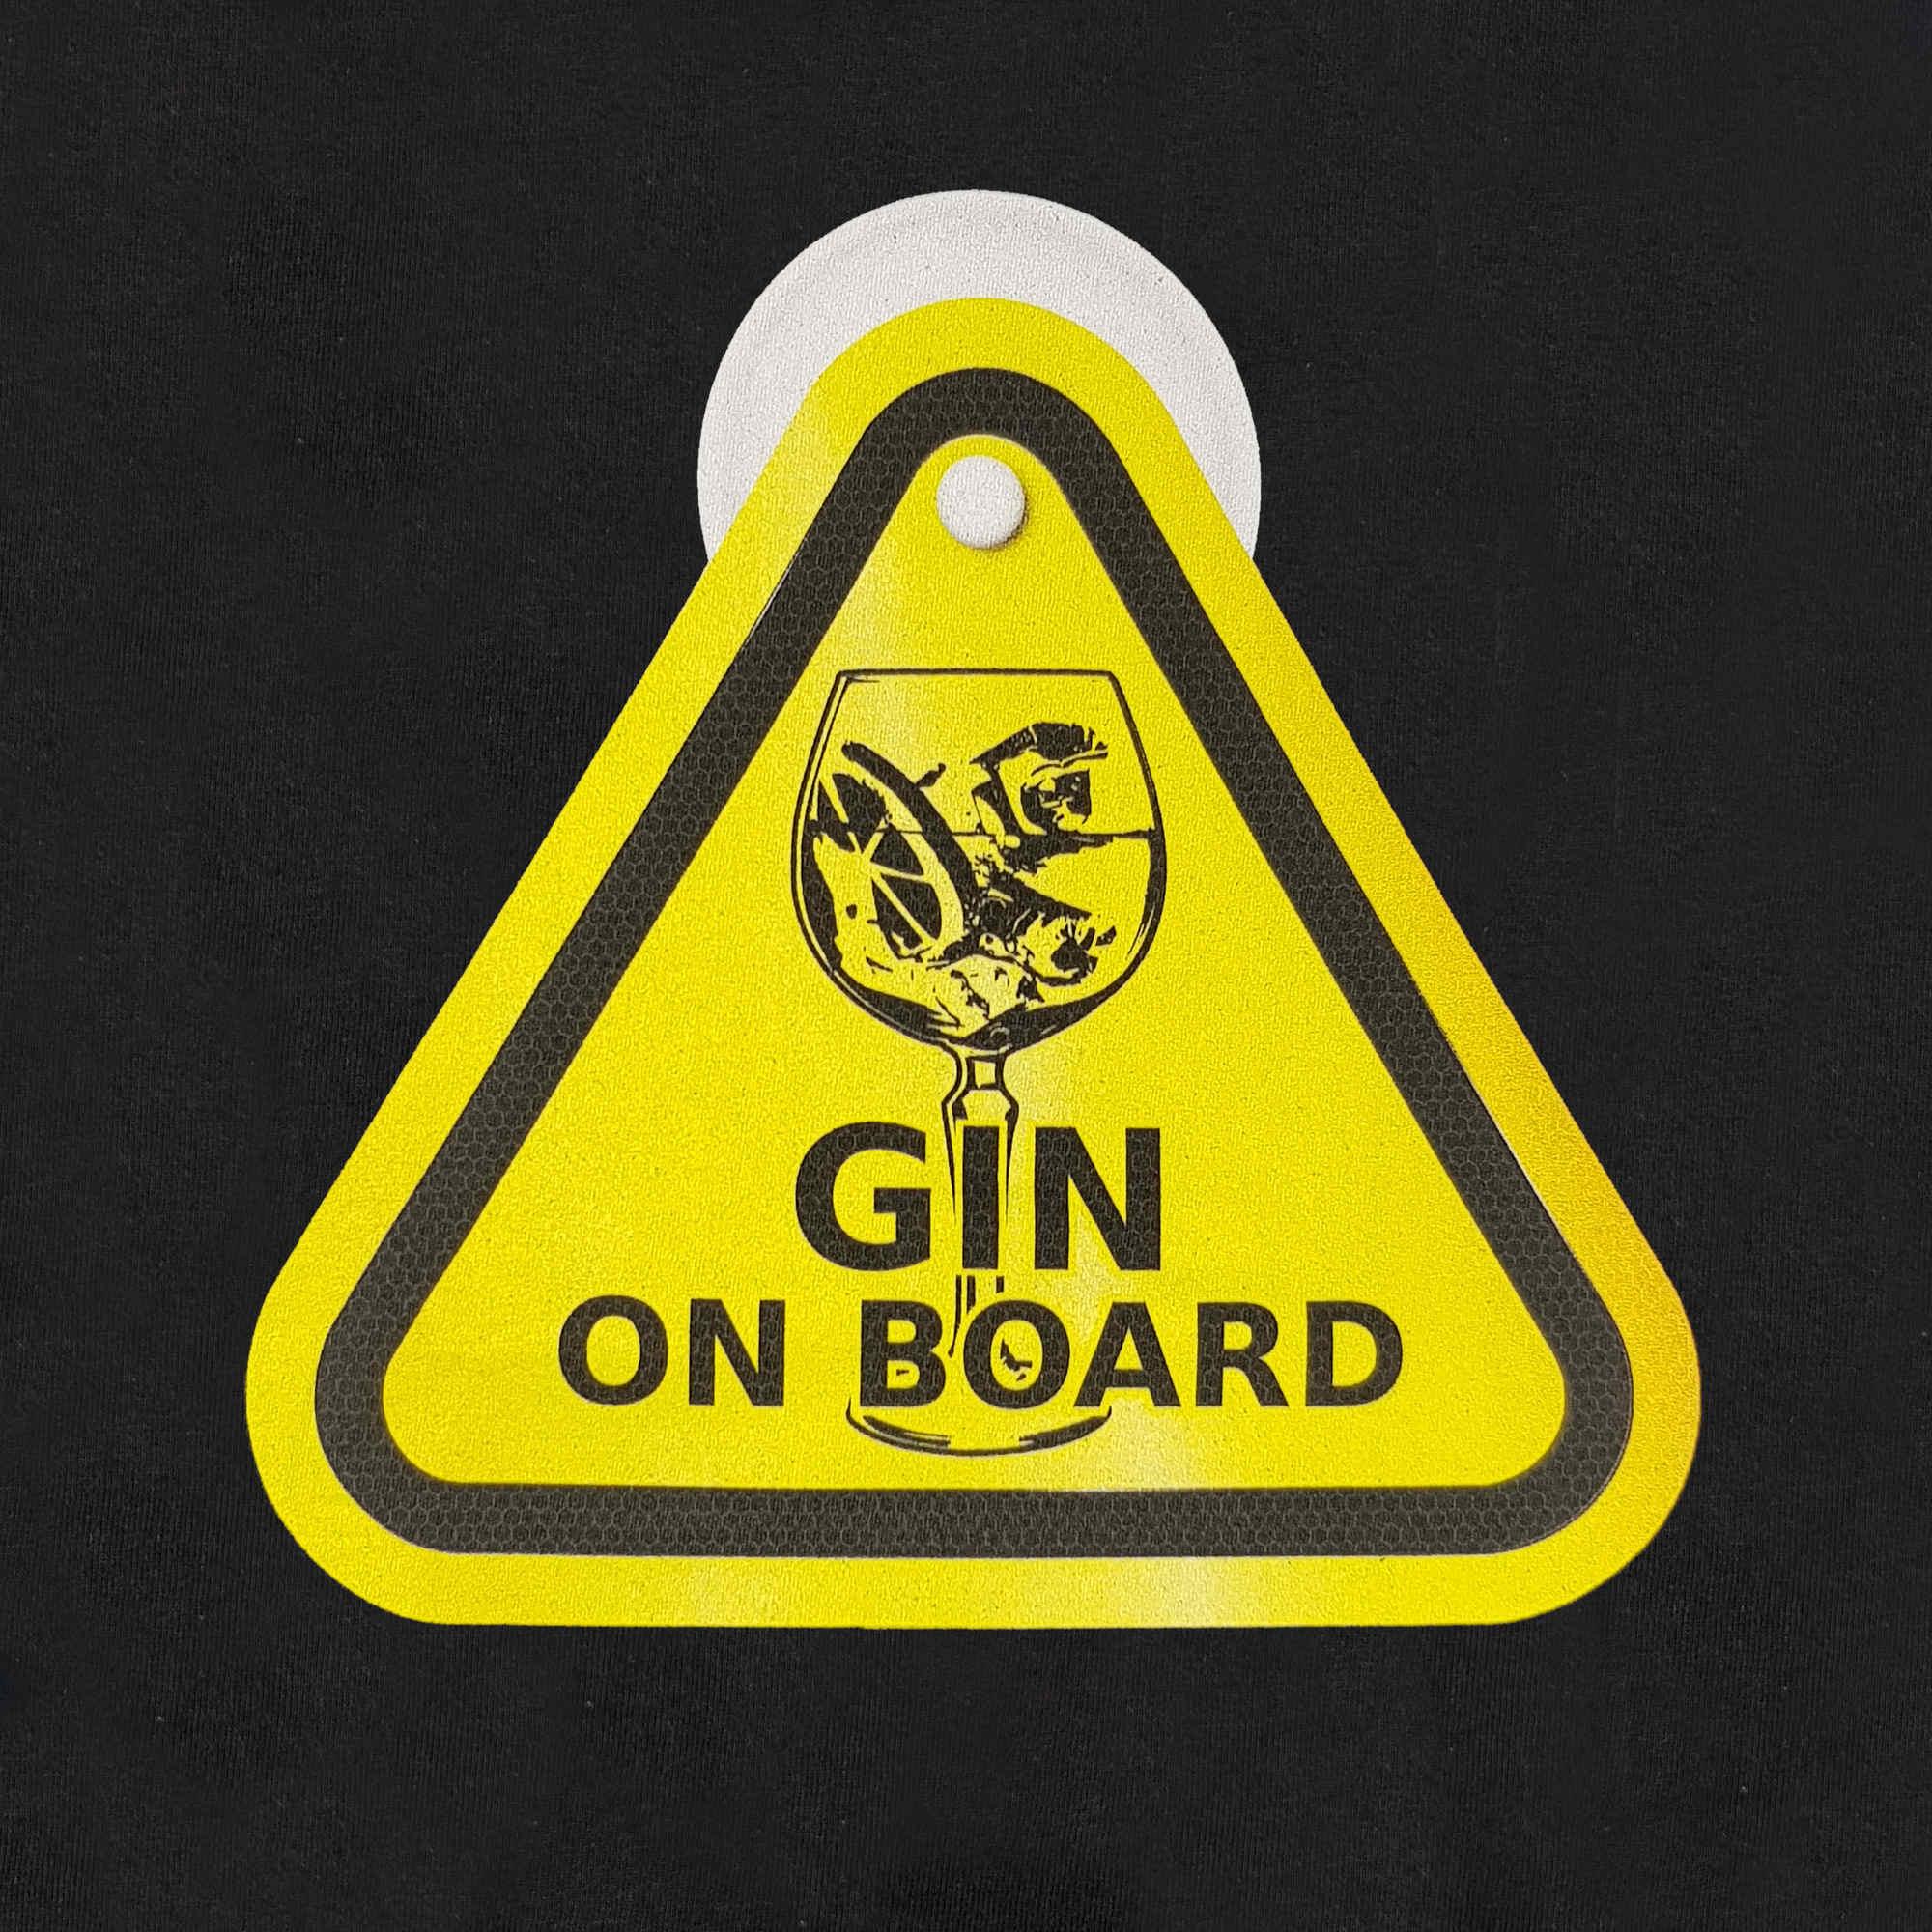 Gin T-Shirt - Gin On Board – Ginsanity